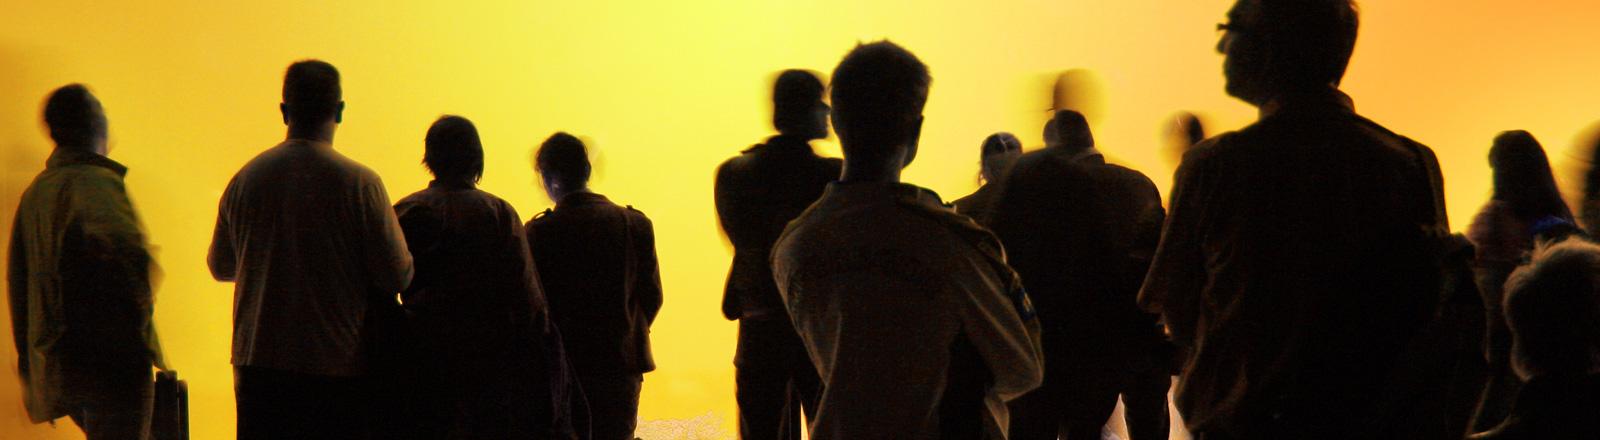 Vor einer gelben Wand stehen Männer und Frauen.